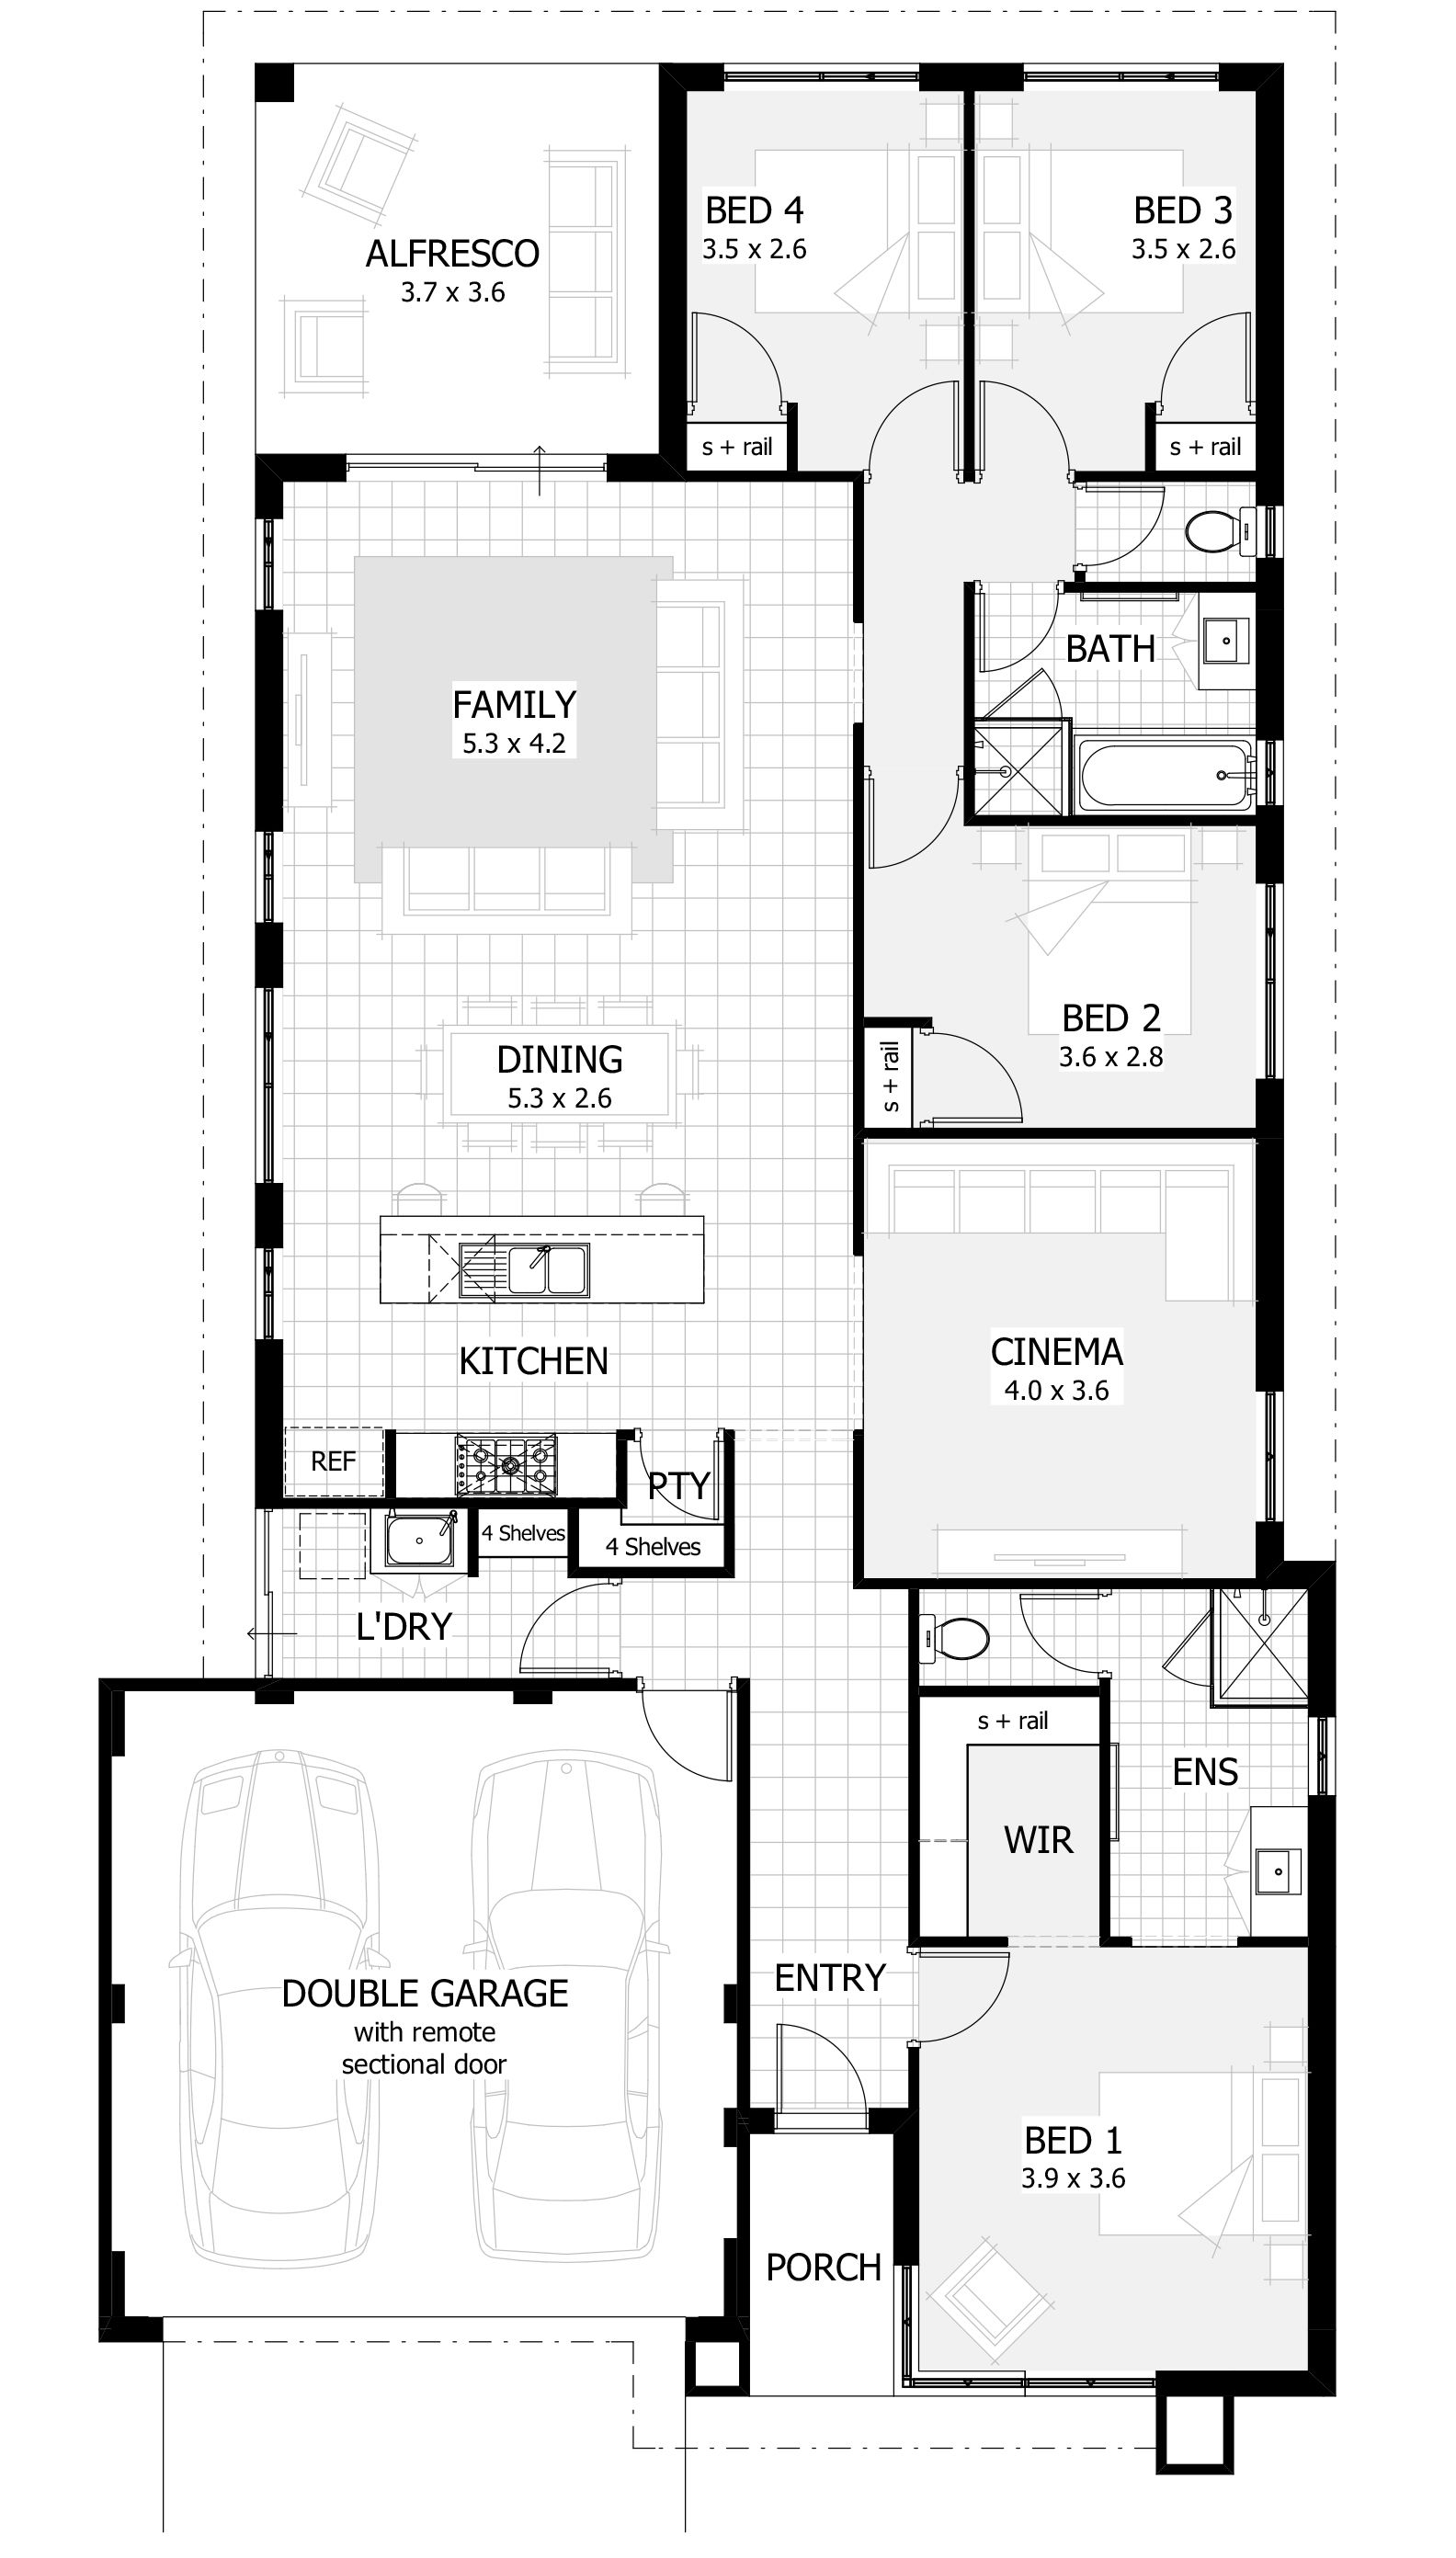 5 bedroom floor plans australia thefloors co for 5 bedroom floor plans australia